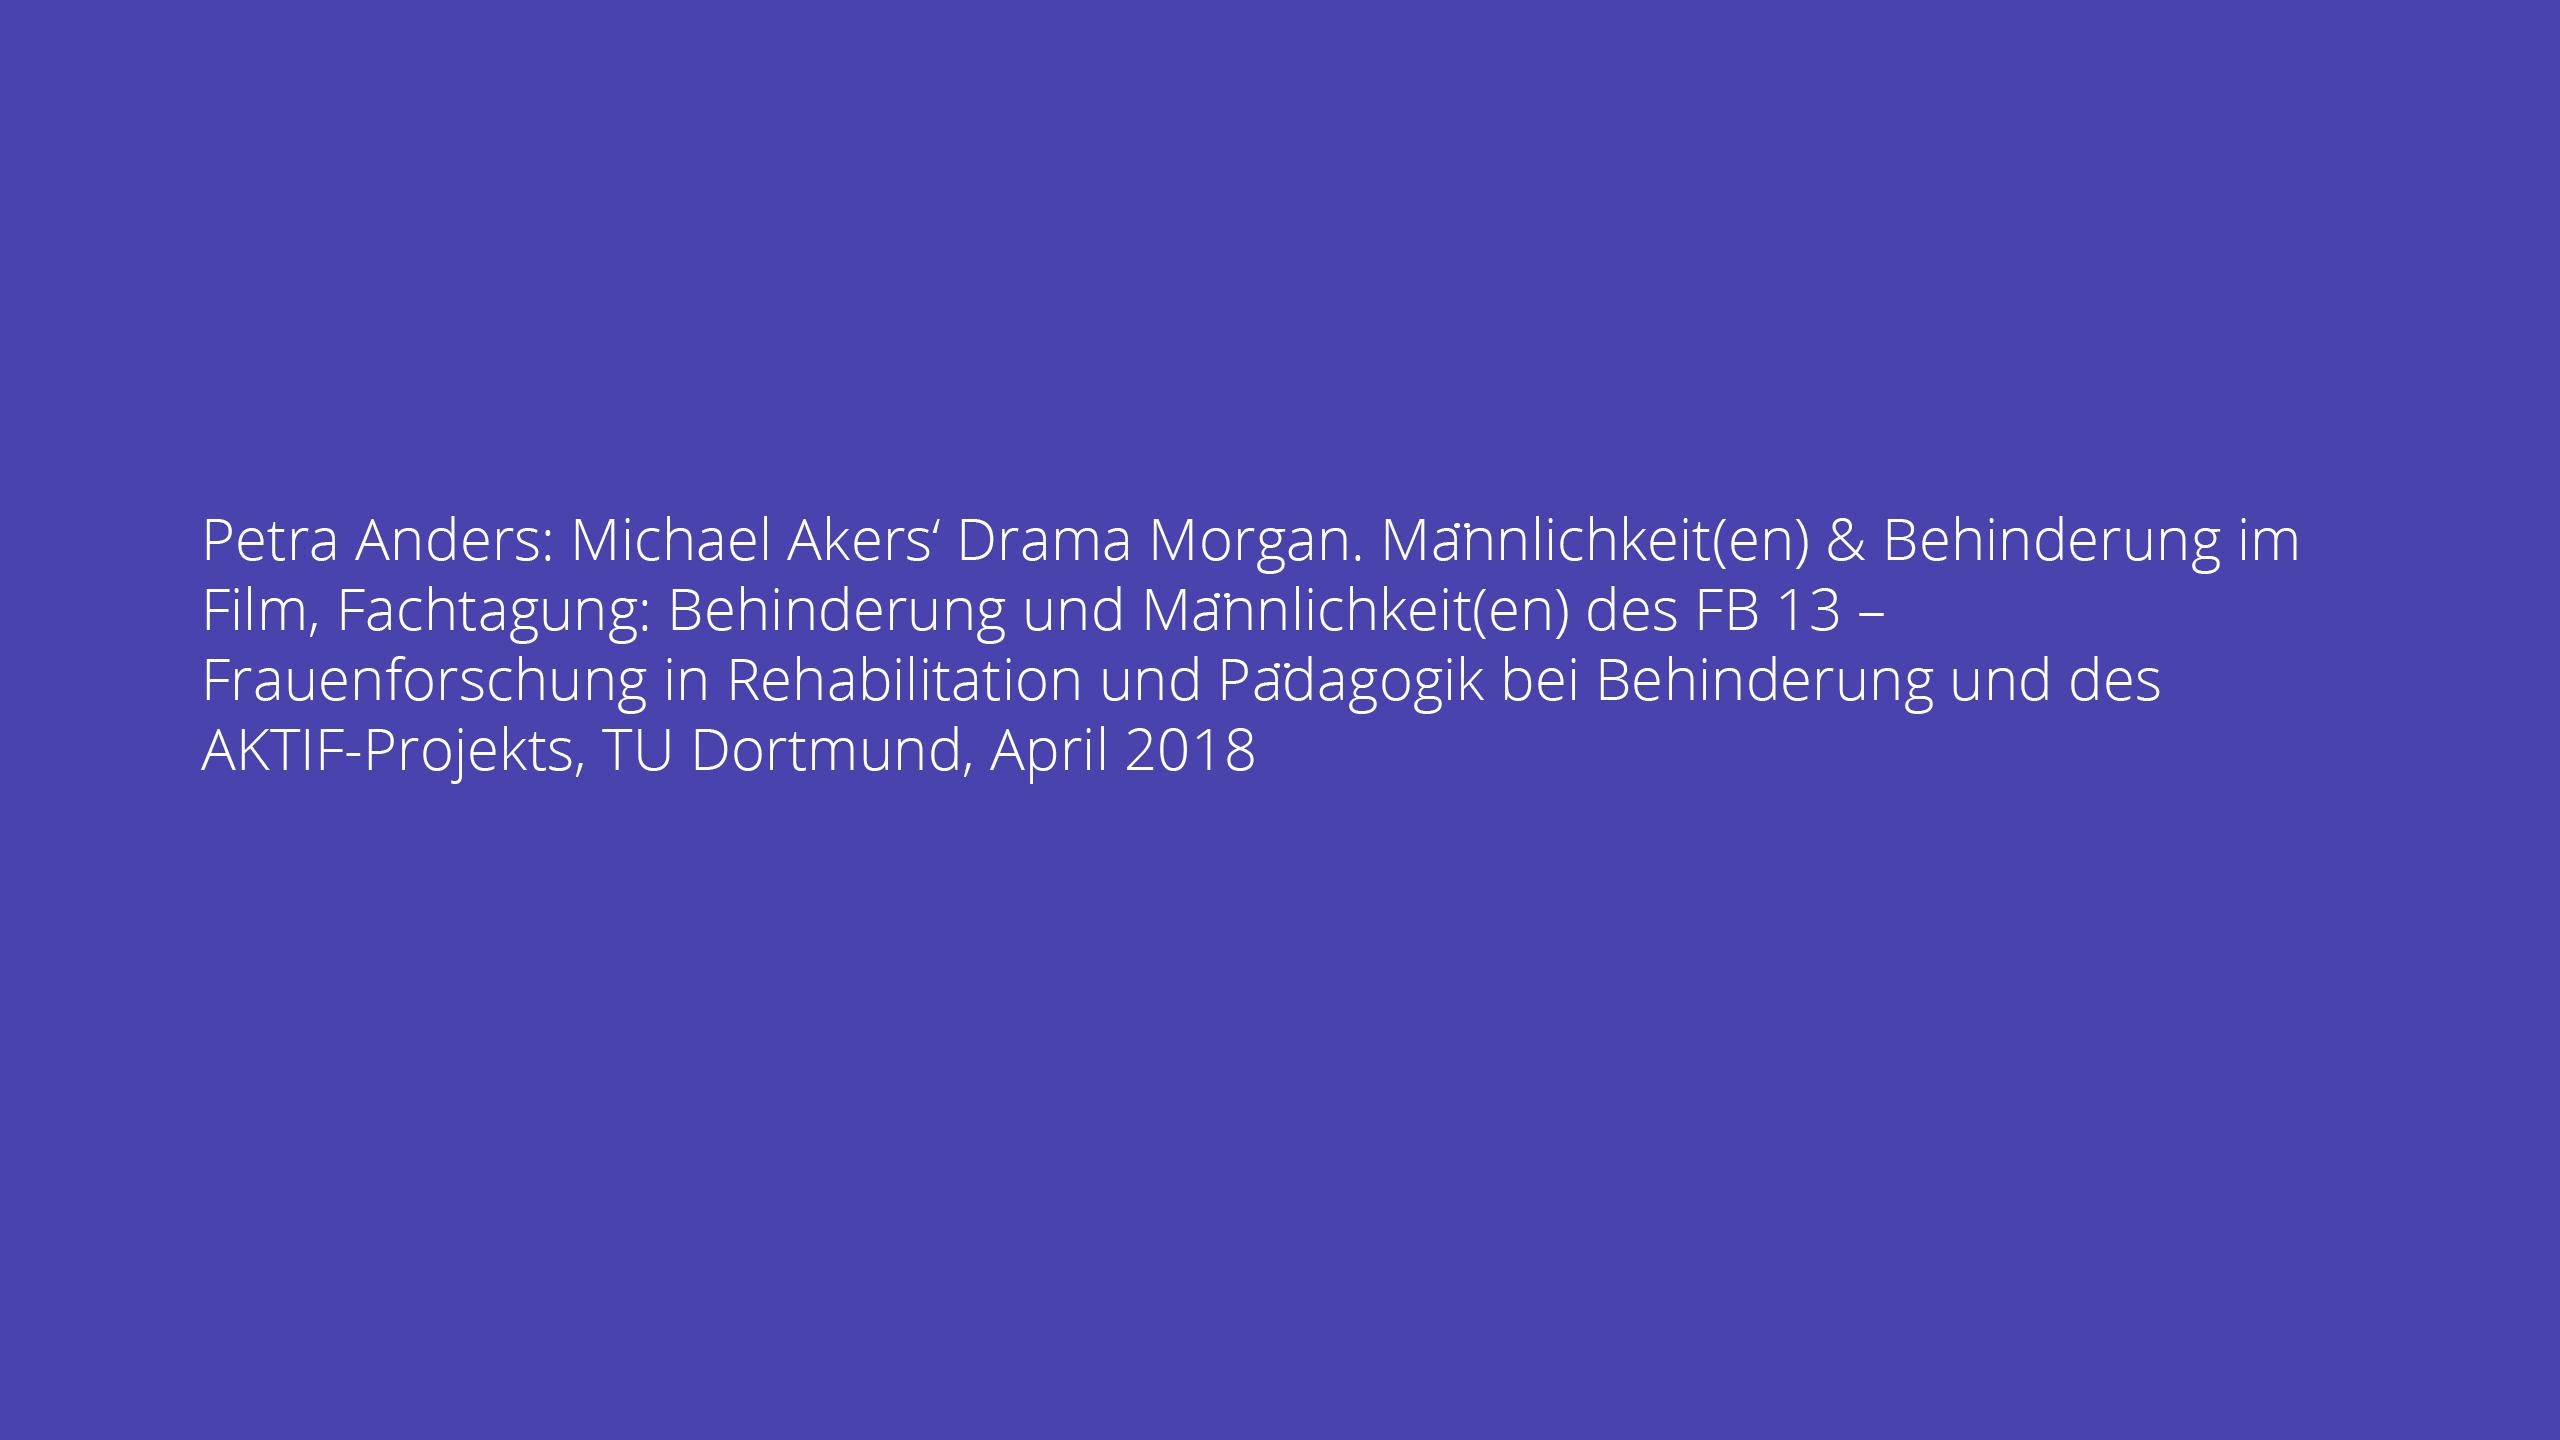 Petra Anders: Michael Akers' Drama Morgan. Männlichkeit(en) & Behinderung im Film, Fachtagung: Behinderung und Männlichkeit(en) des FB 13 – Frauenforschung in Rehabilitation und Pädagogik bei Behinderung und des AKTIF-Projekts, TU Dortmund, April 2018